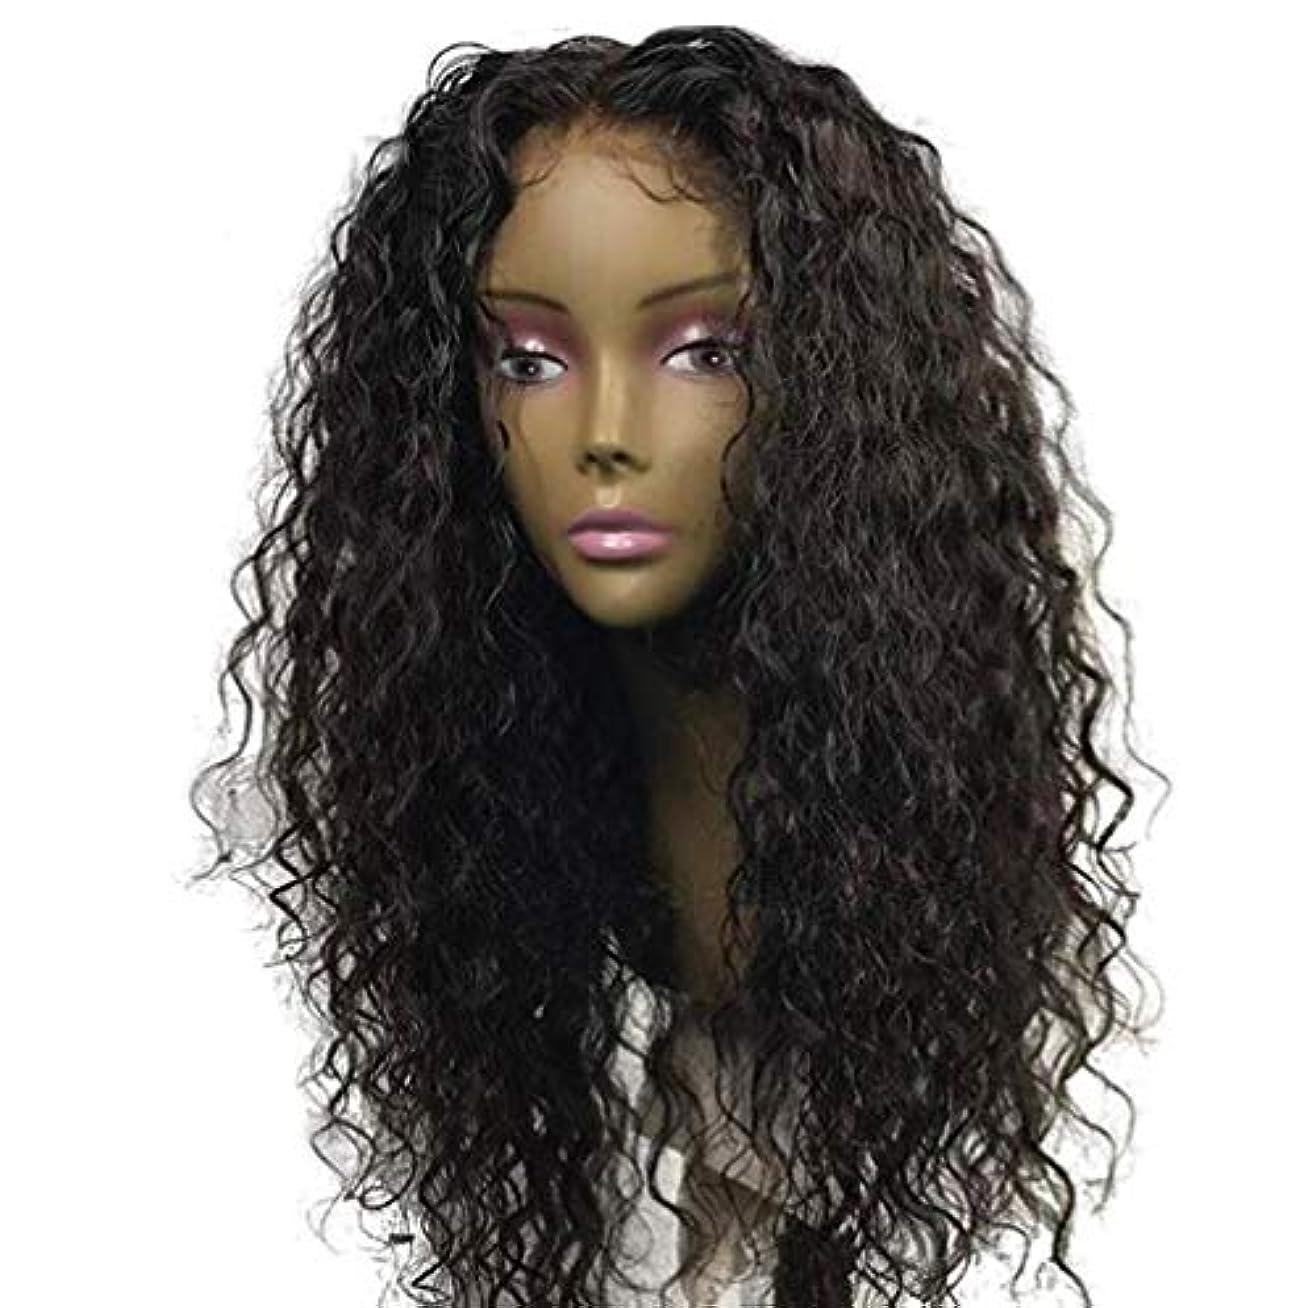 極小擁する寝室を掃除する女性ブラジルレミー深い波髪かつら150%密度レースフロント人毛ウィッグベビー毛黒55センチ